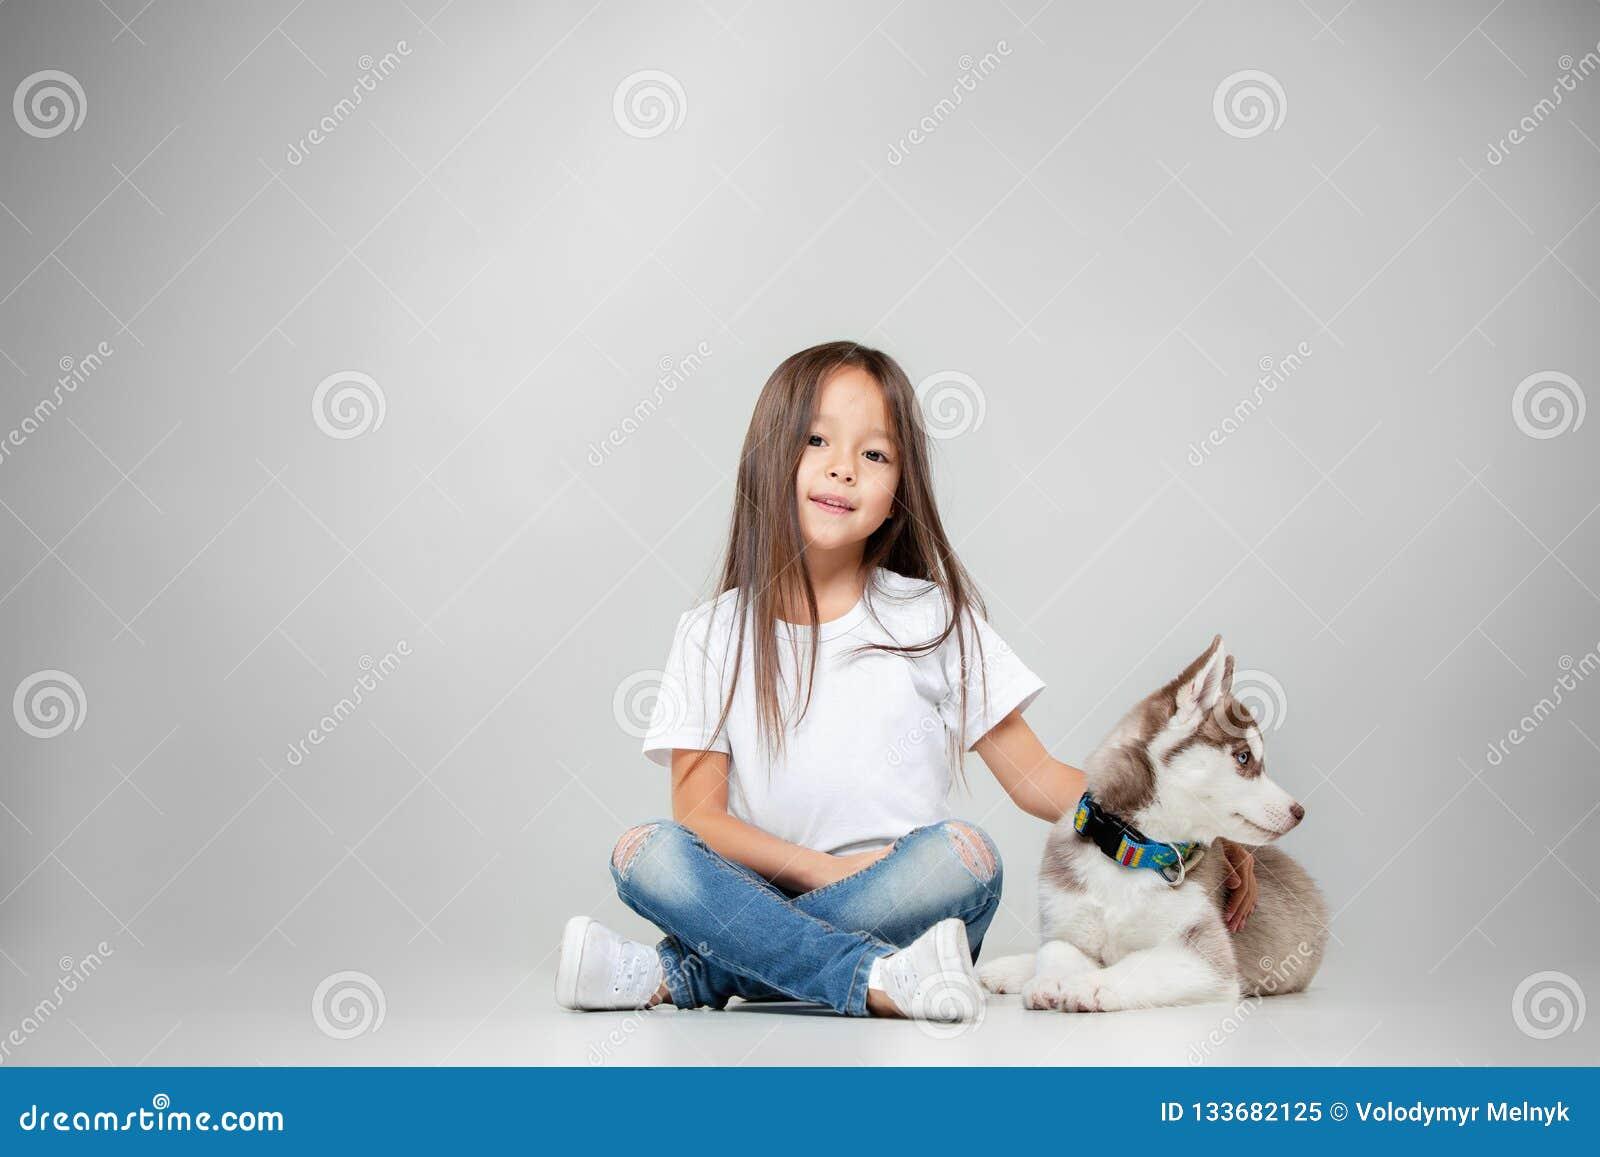 一快乐的女孩的画象获得与西伯利亚爱斯基摩人小狗的乐趣在地板上在演播室